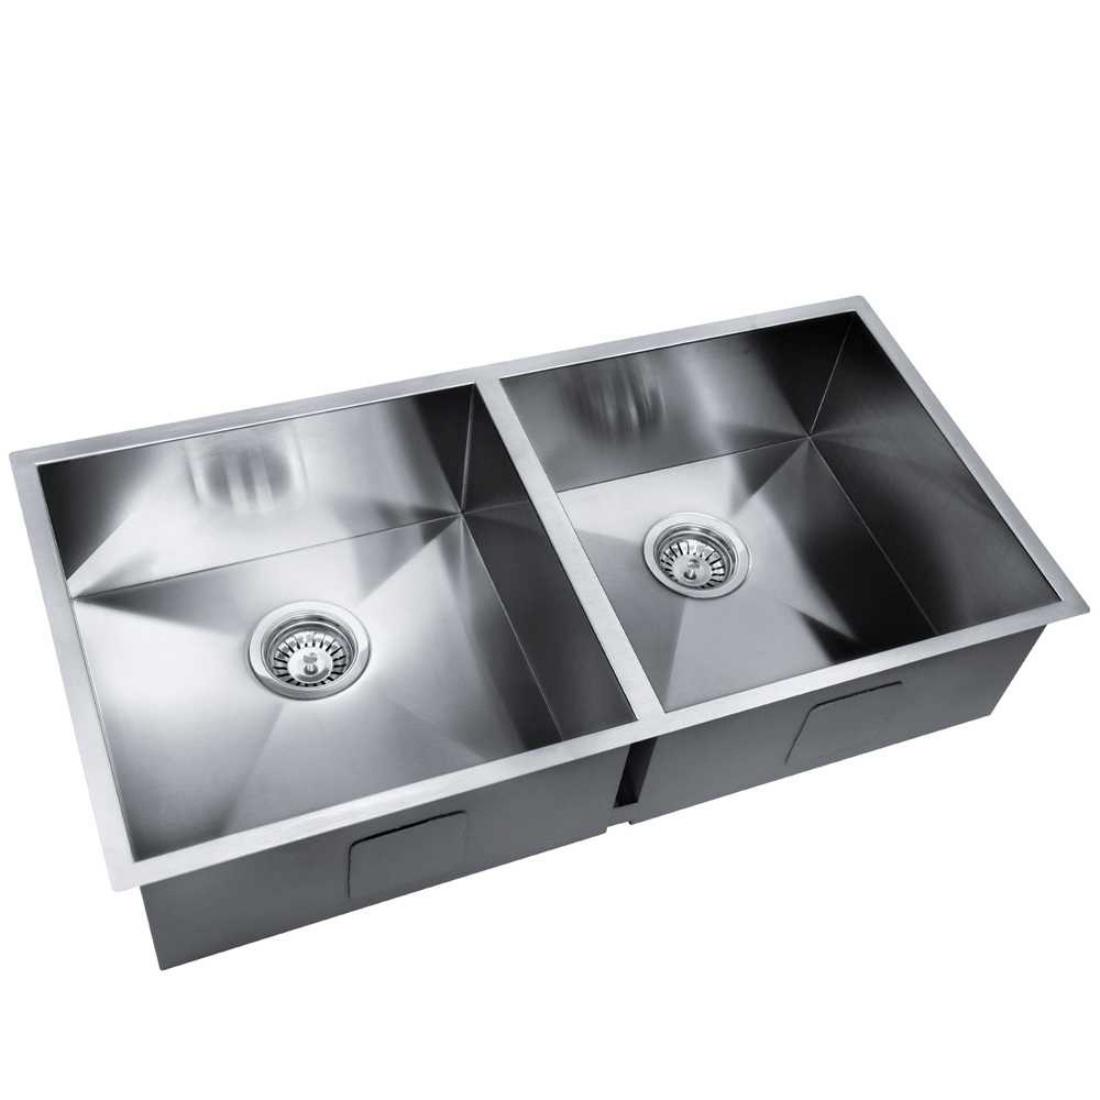 Stainless Steel Kitchen/Laundry Sink w/ Strainer Waste 865x440mm